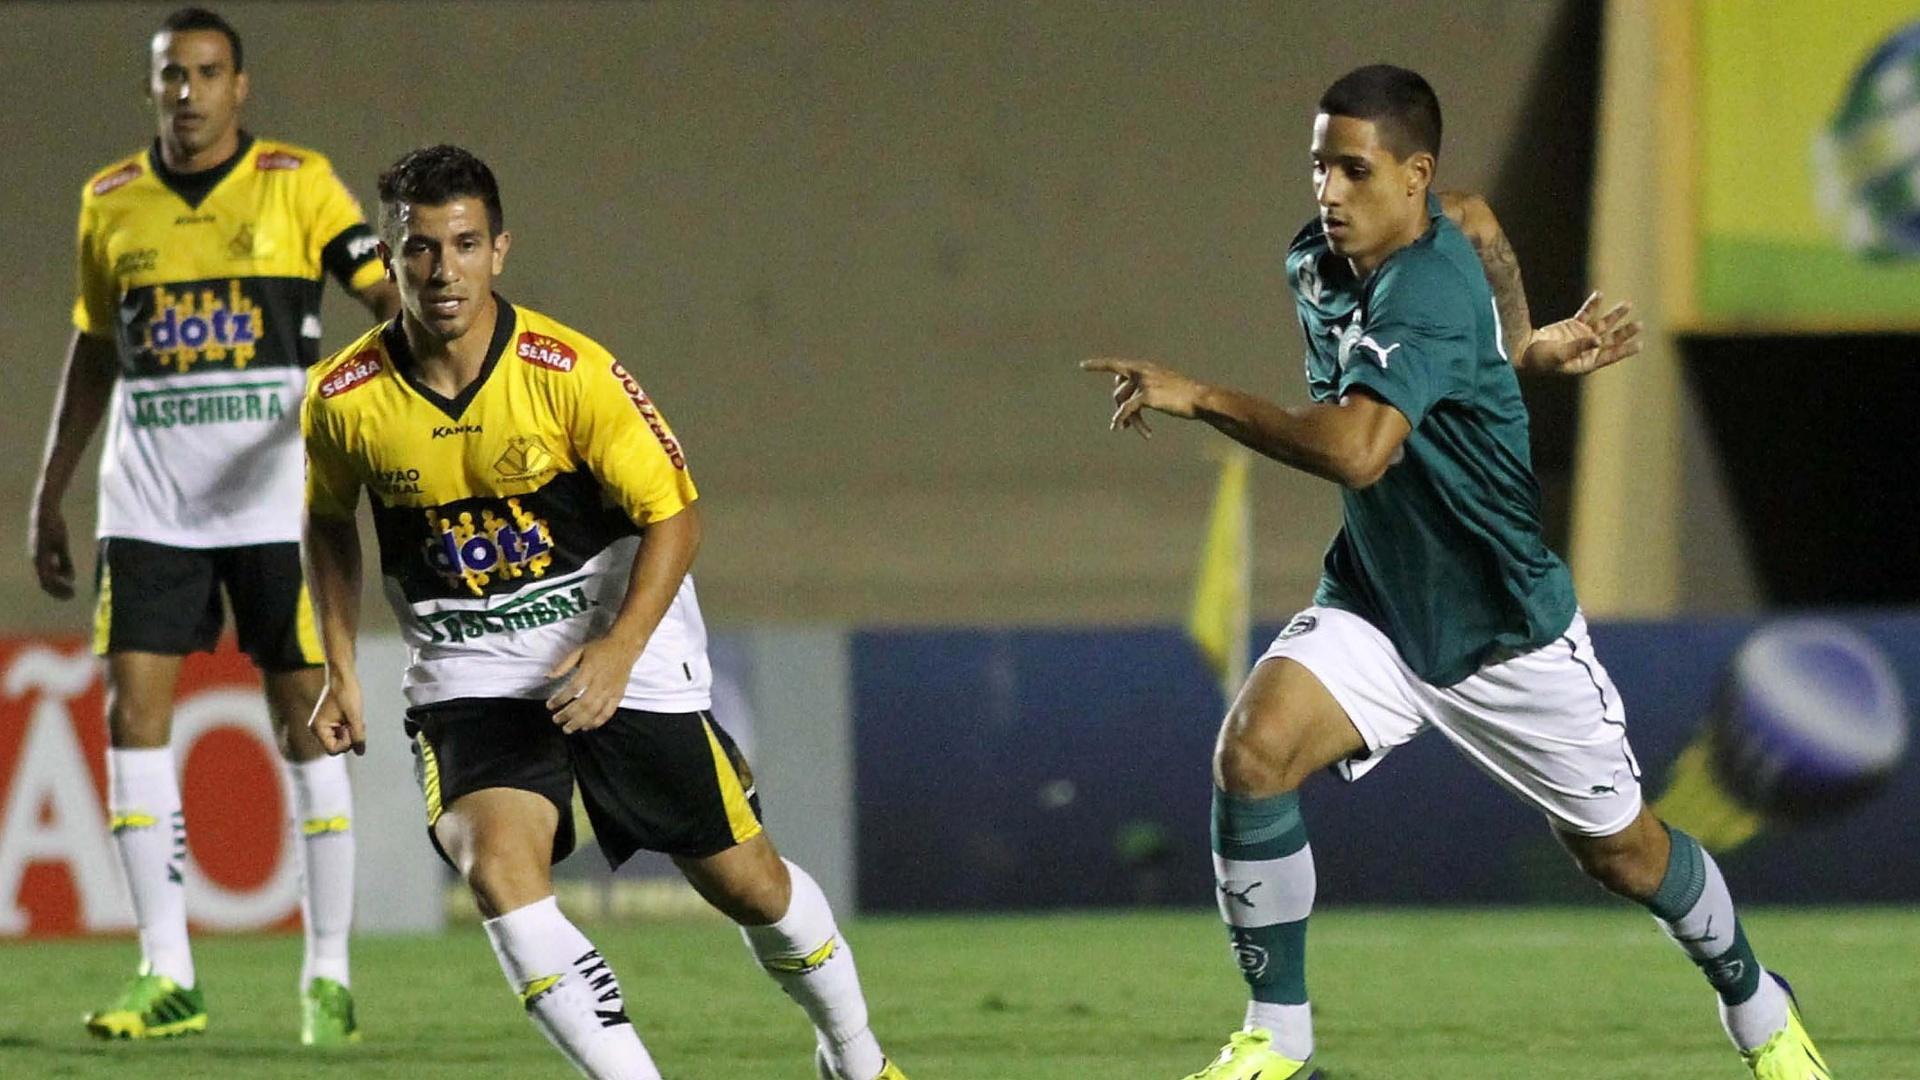 06.out.2013 - Goiás e Criciúma duelam no Serra Dourada, pela 26ª rodada da Série A